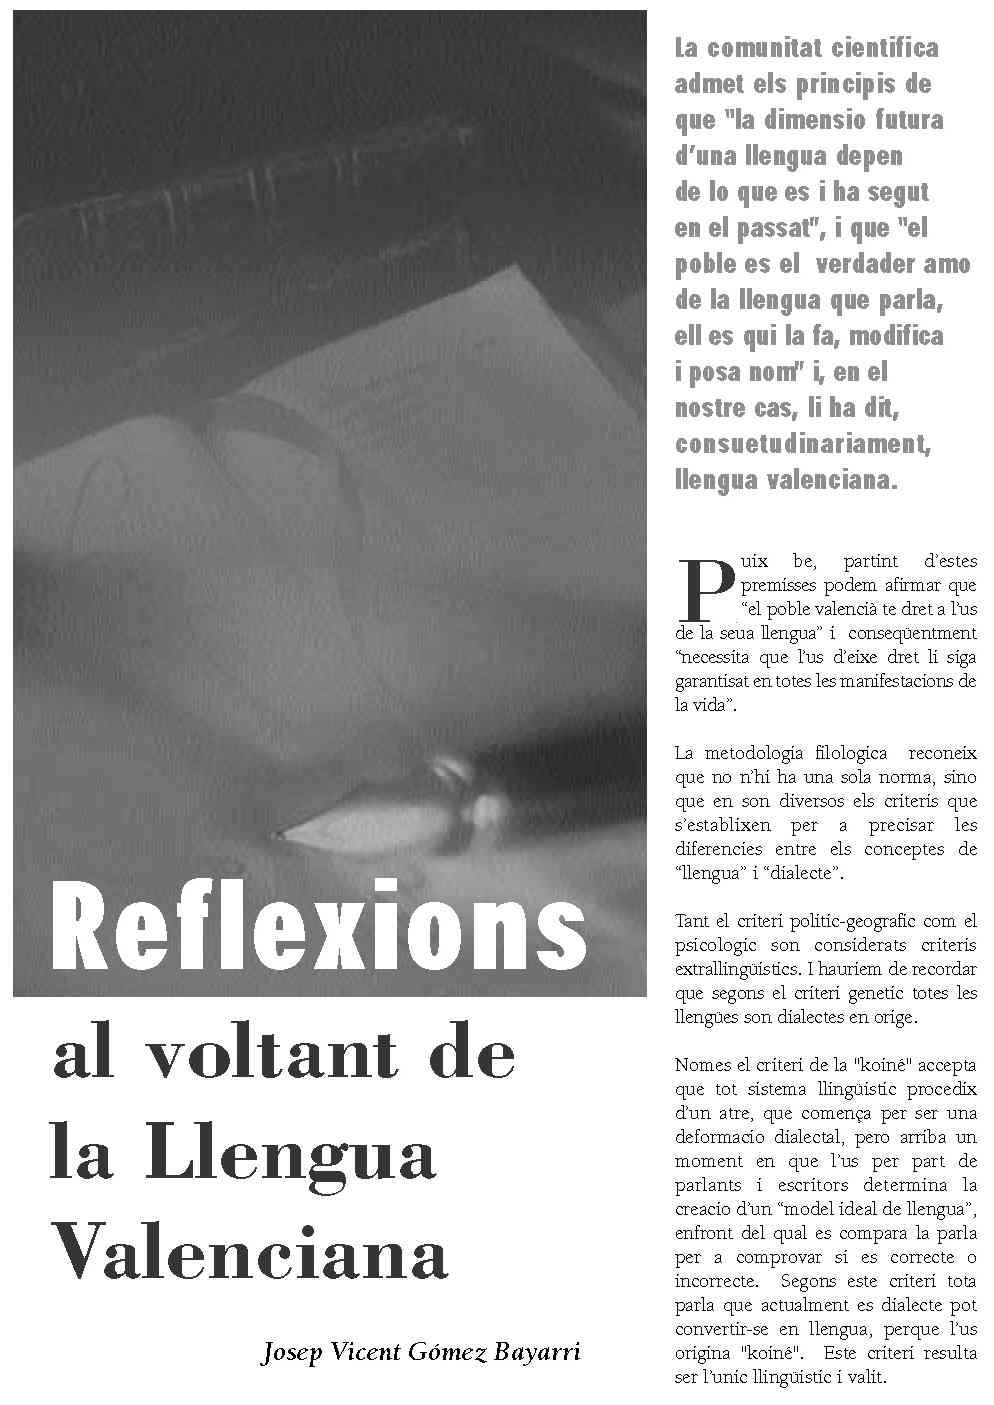 Reflexions al voltant de la Llengua Valenciana